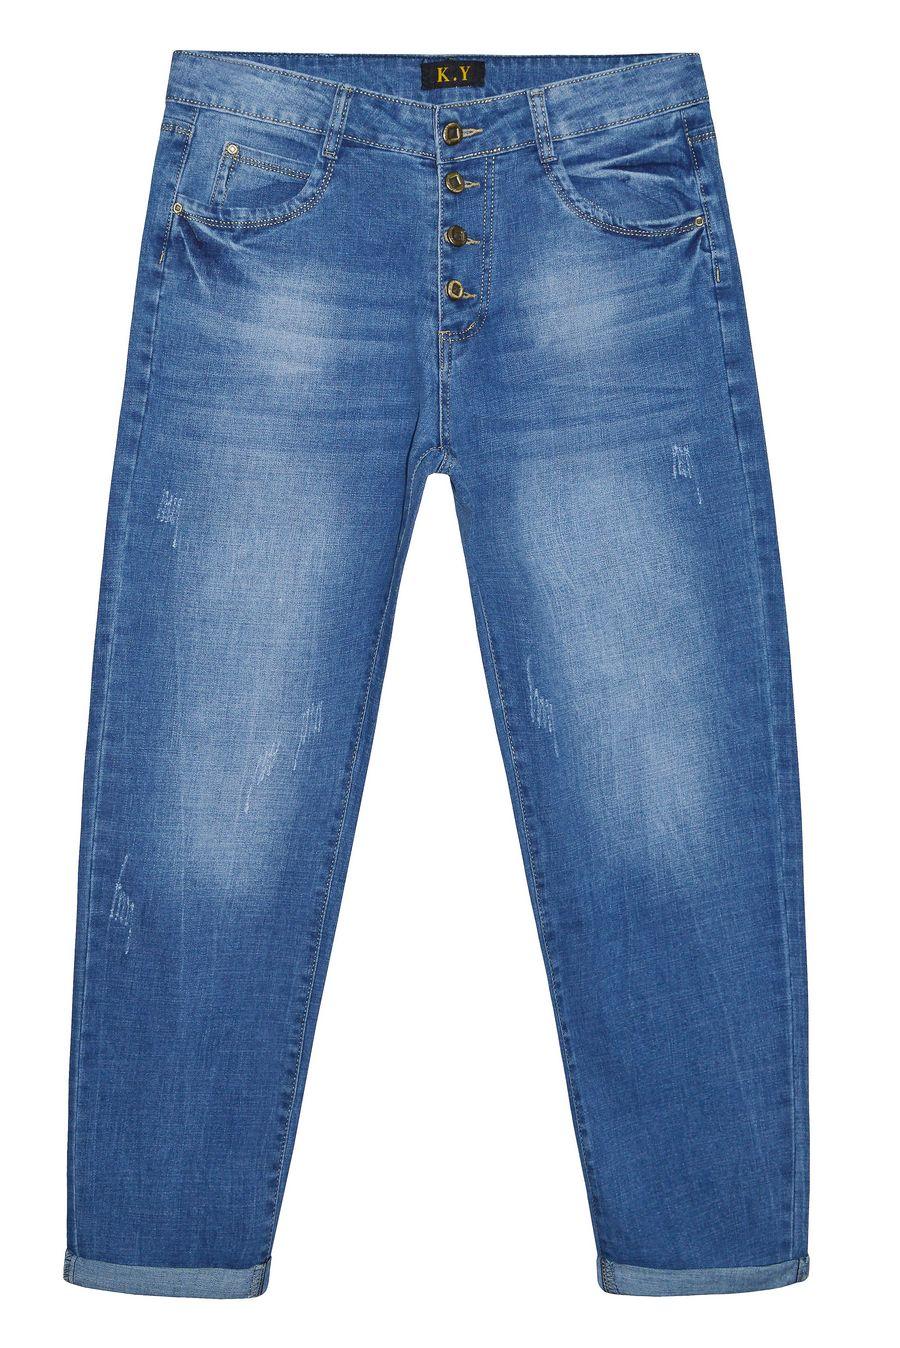 Джинсы женские K.Y Jeans L478 - фото 1